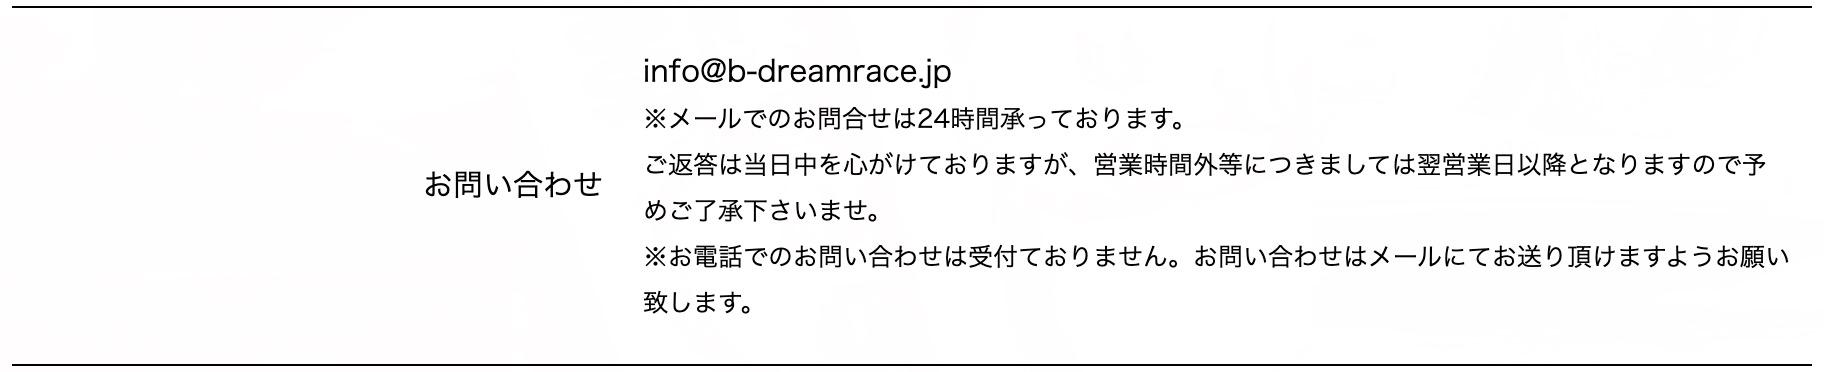 ドリームボート(DREAMBOAT)24